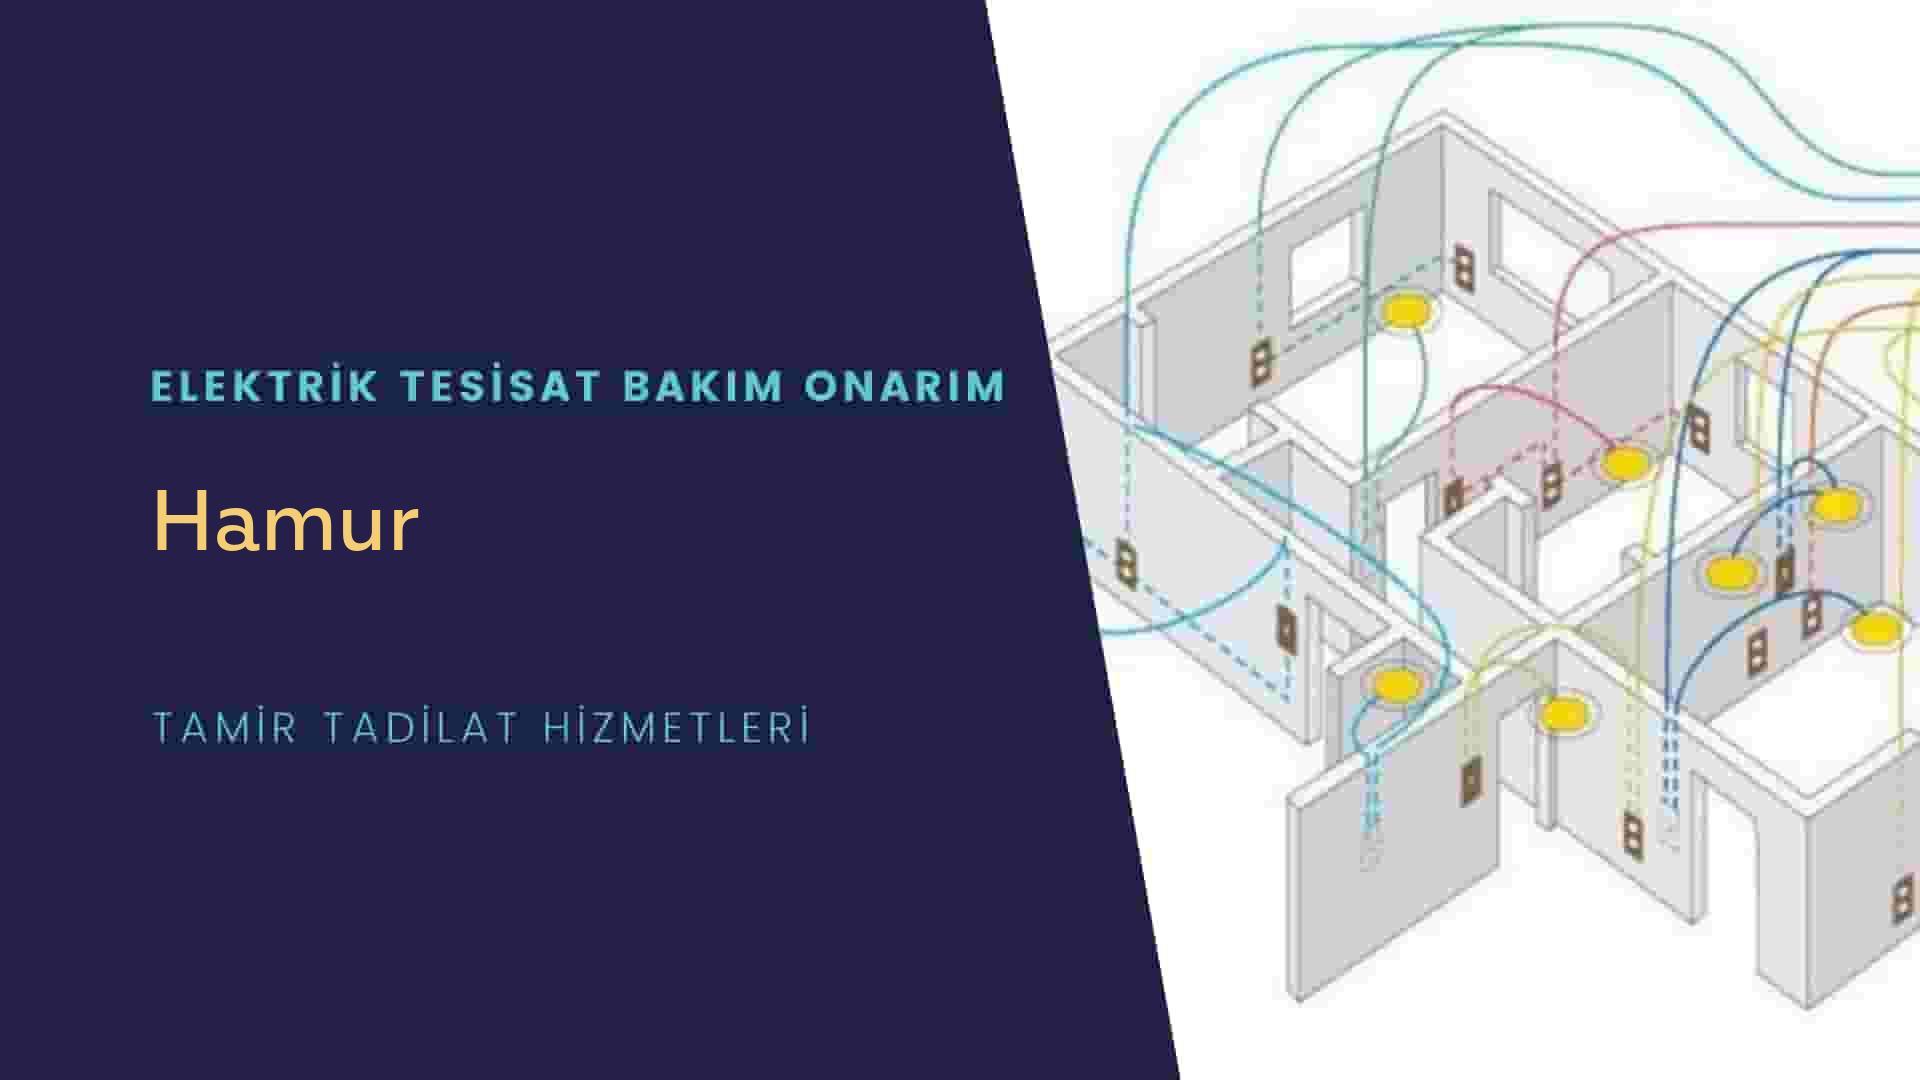 Hamur'da elektrik tesisatıustalarımı arıyorsunuz doğru adrestenizi Hamur elektrik tesisatı ustalarımız 7/24 sizlere hizmet vermekten mutluluk duyar.